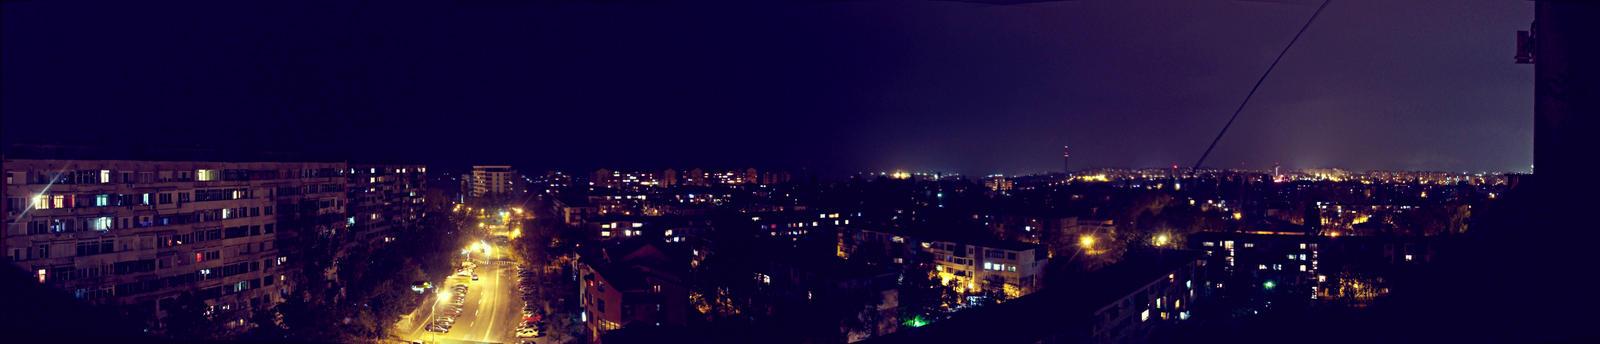 Galati at night by AlecsPS